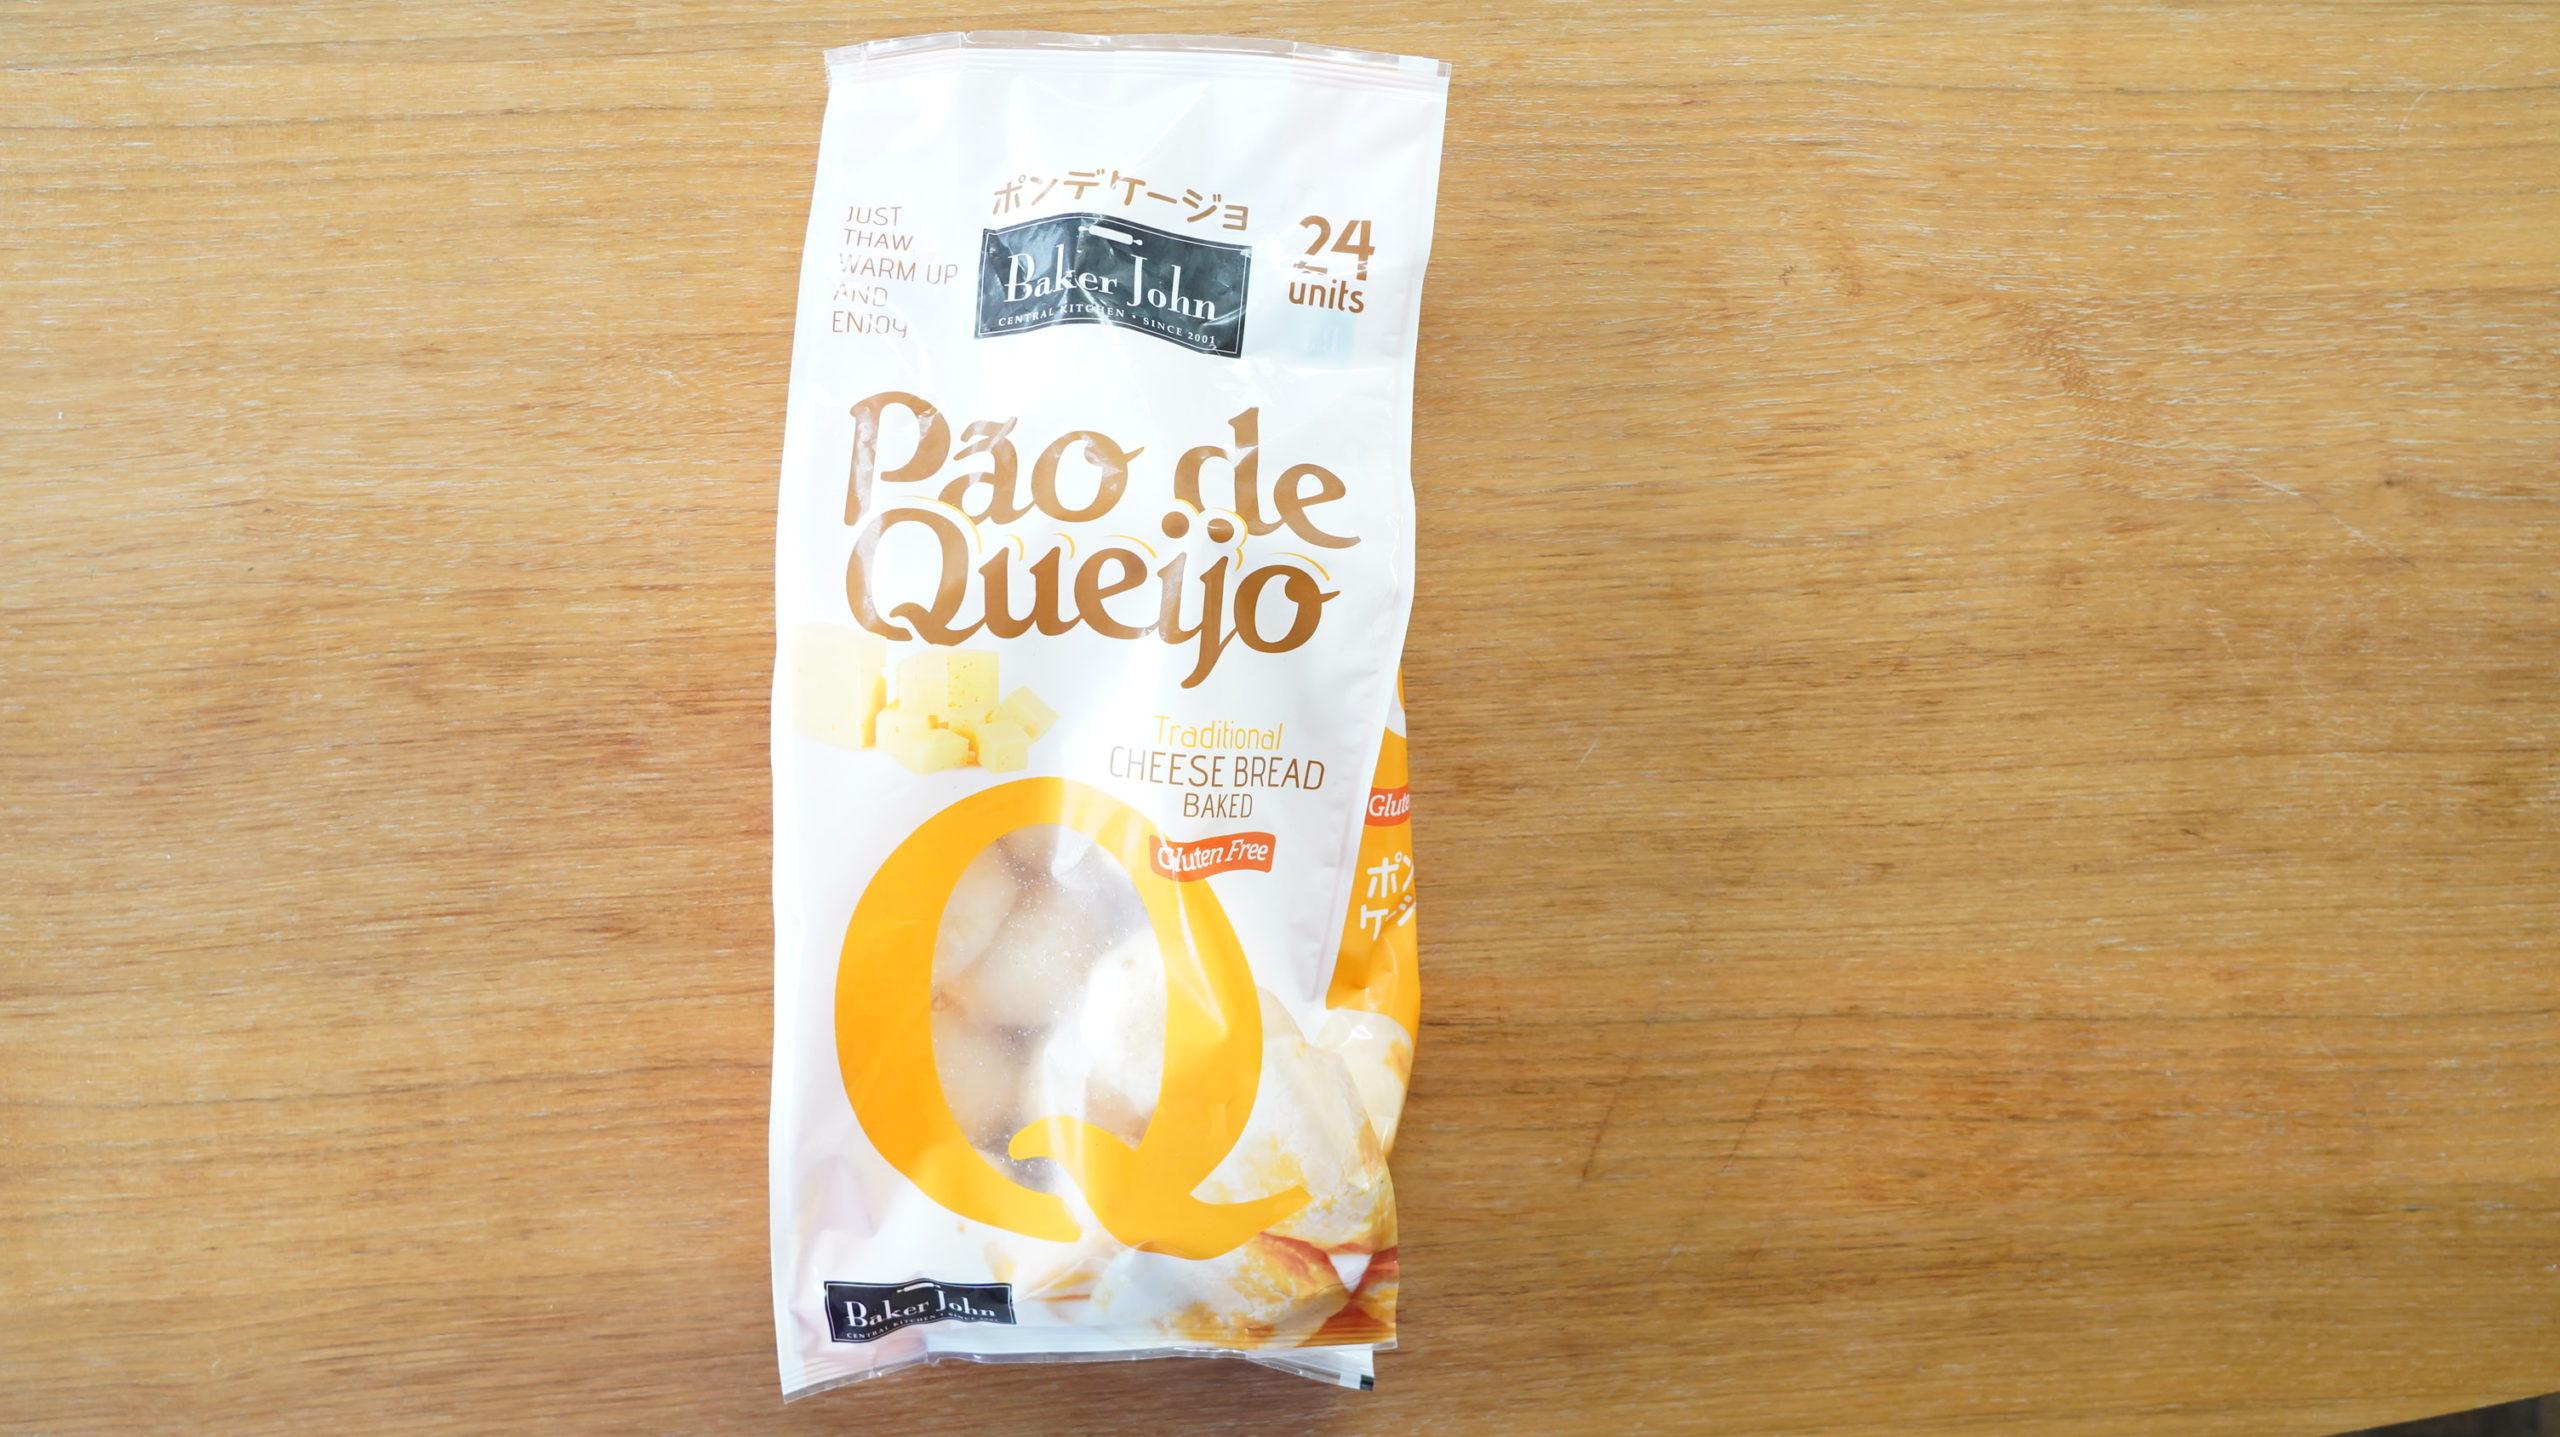 コストコの冷凍食品「ポン・デ・ケージョ」のパッケージ写真